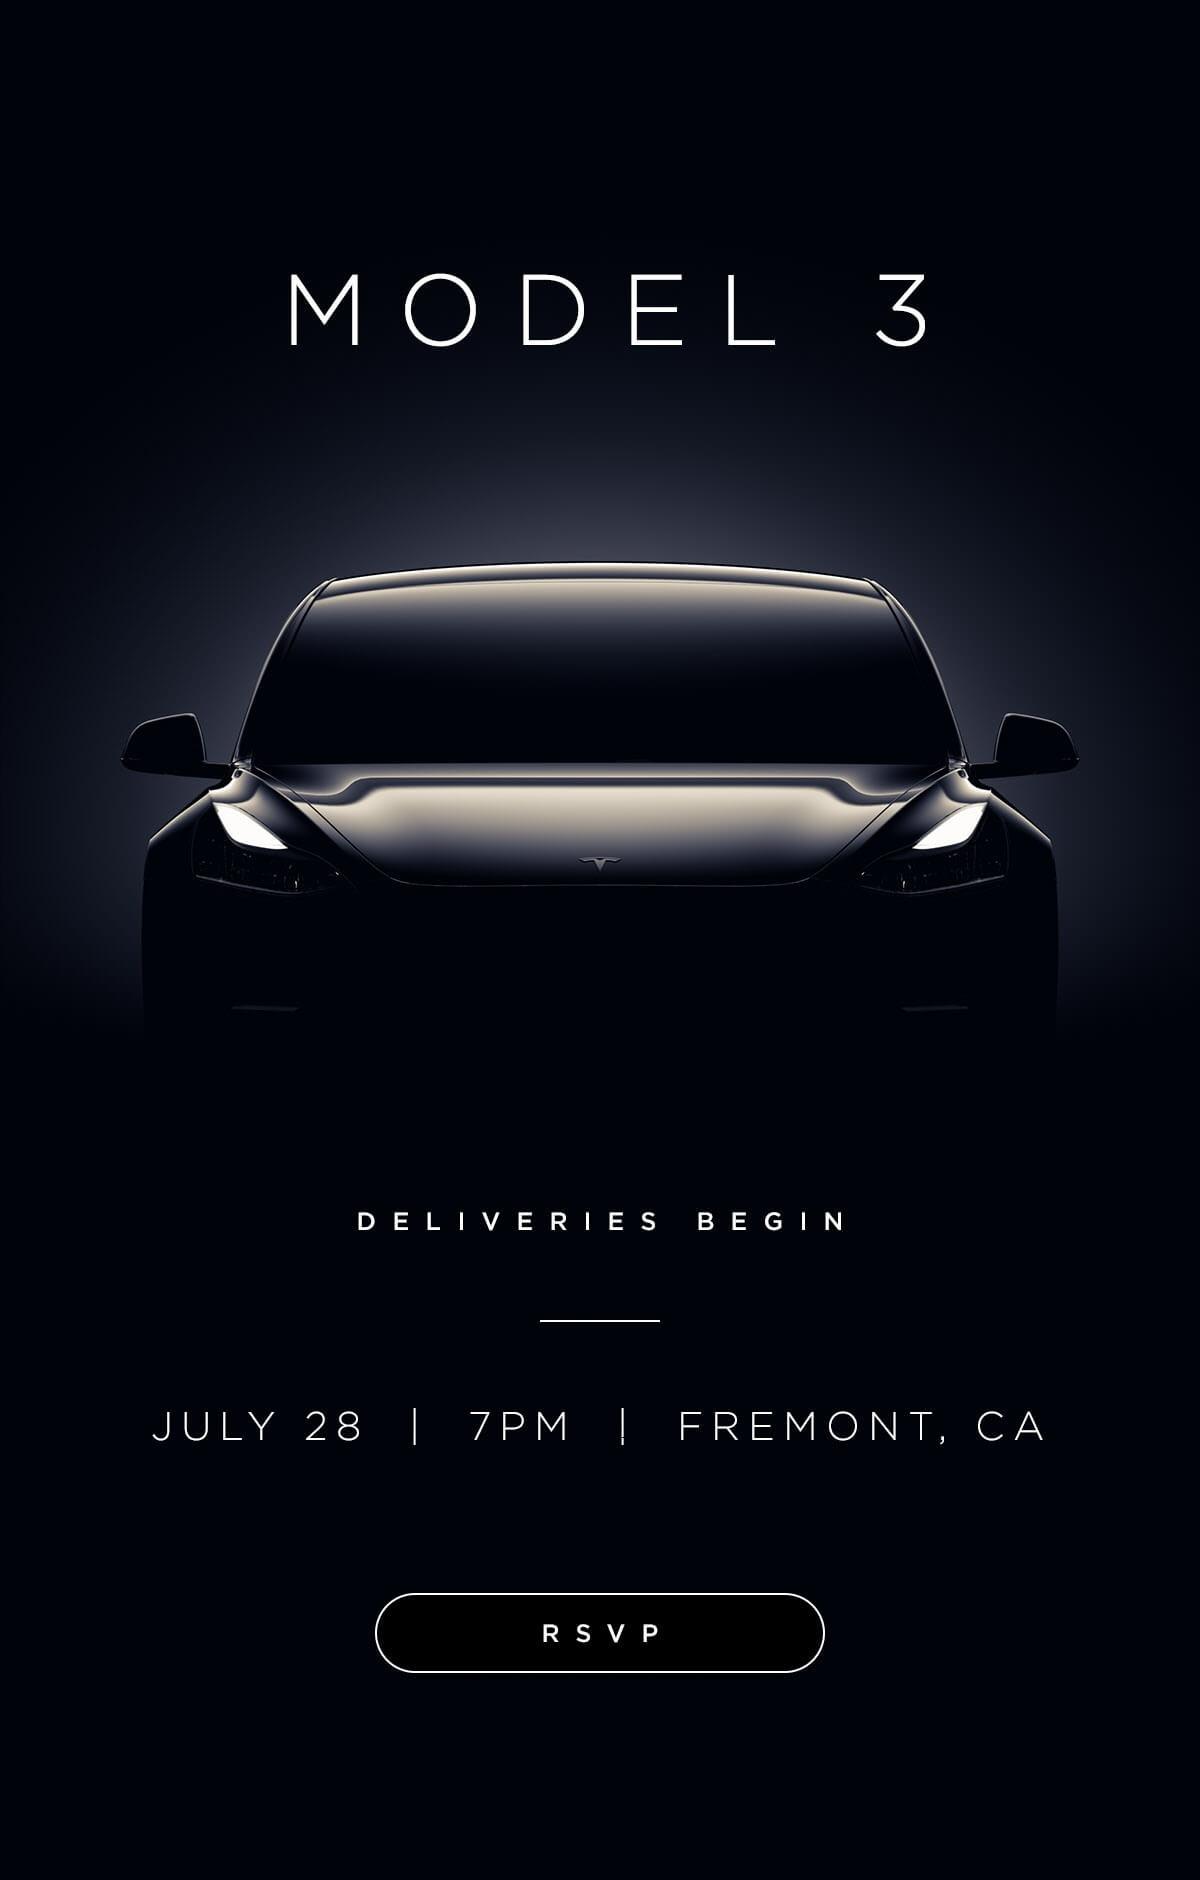 Приглашение на участие в официальной церемонии вручения ключей от Tesla Model 3